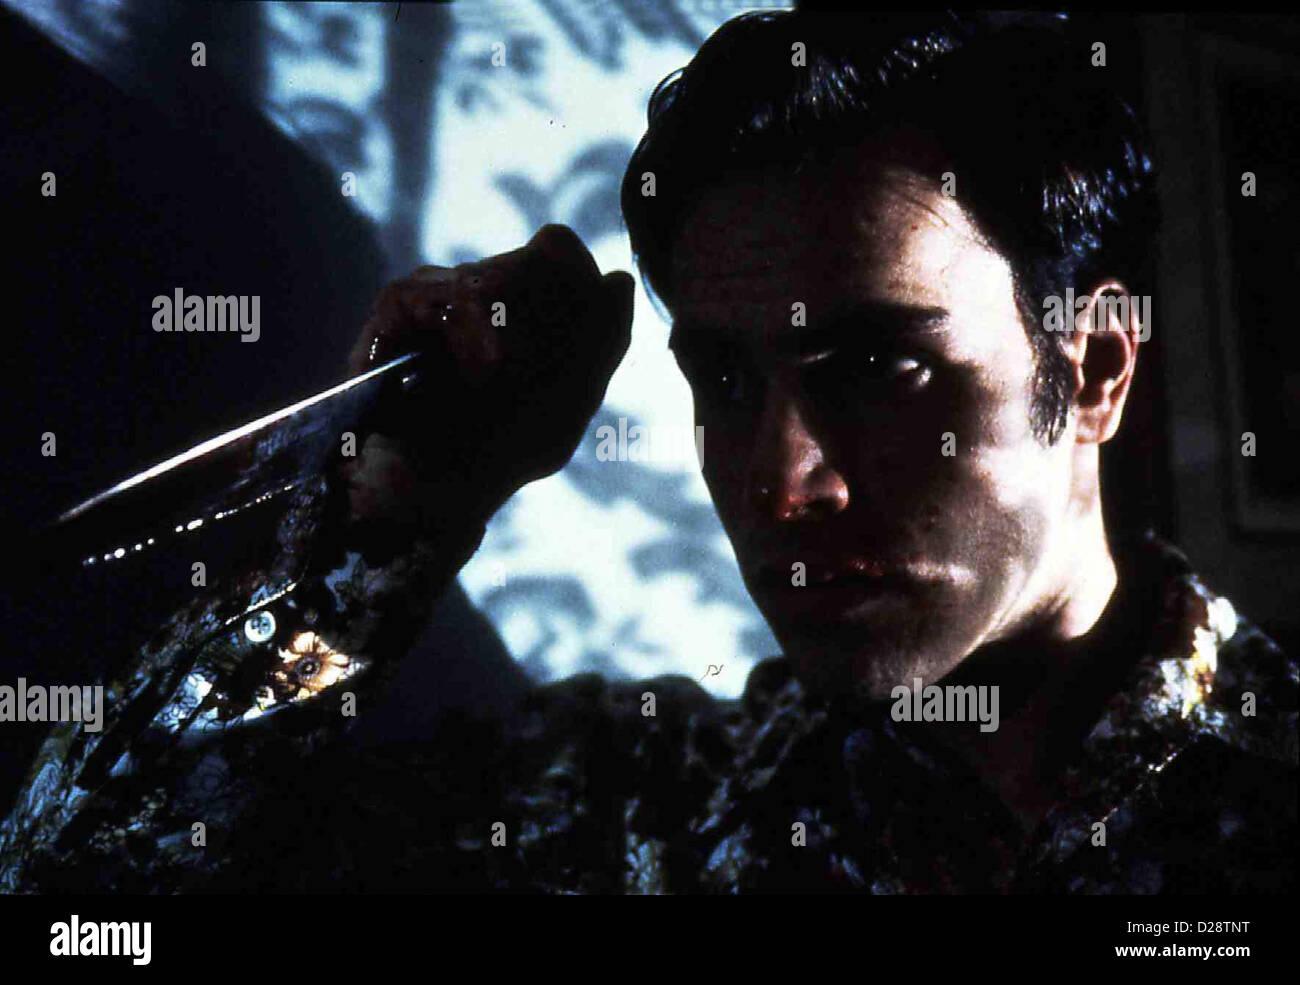 Wenn Der Schwarze Mann Dich Holt   When The Dark Man Calls   Wer ist der wahre Moerder? *** Local Caption *** 1995 - Stock Image